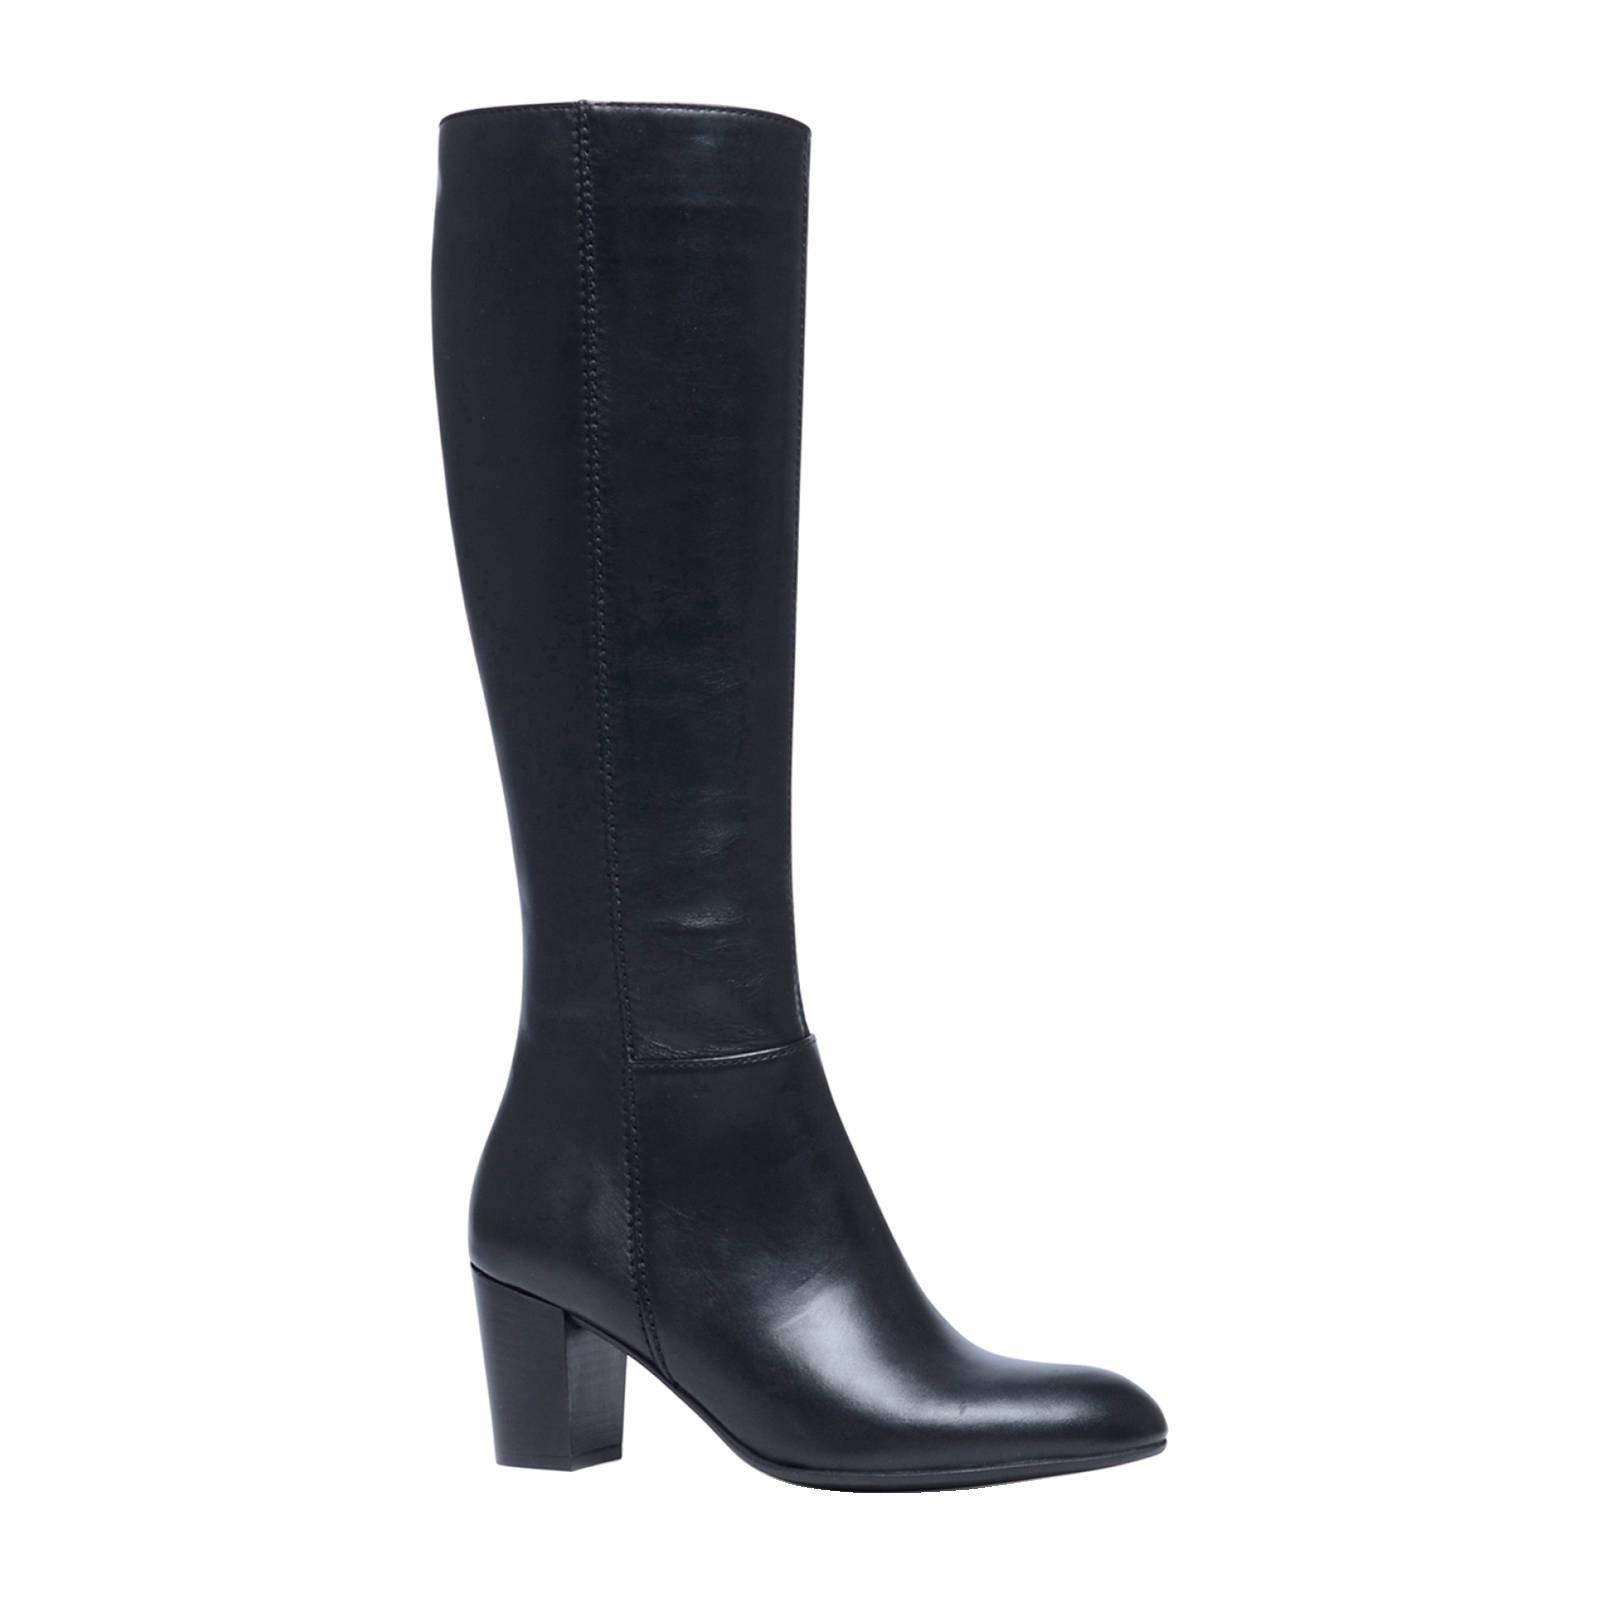 janschutrups | Leren laarzen, Laarzen, Schoenen